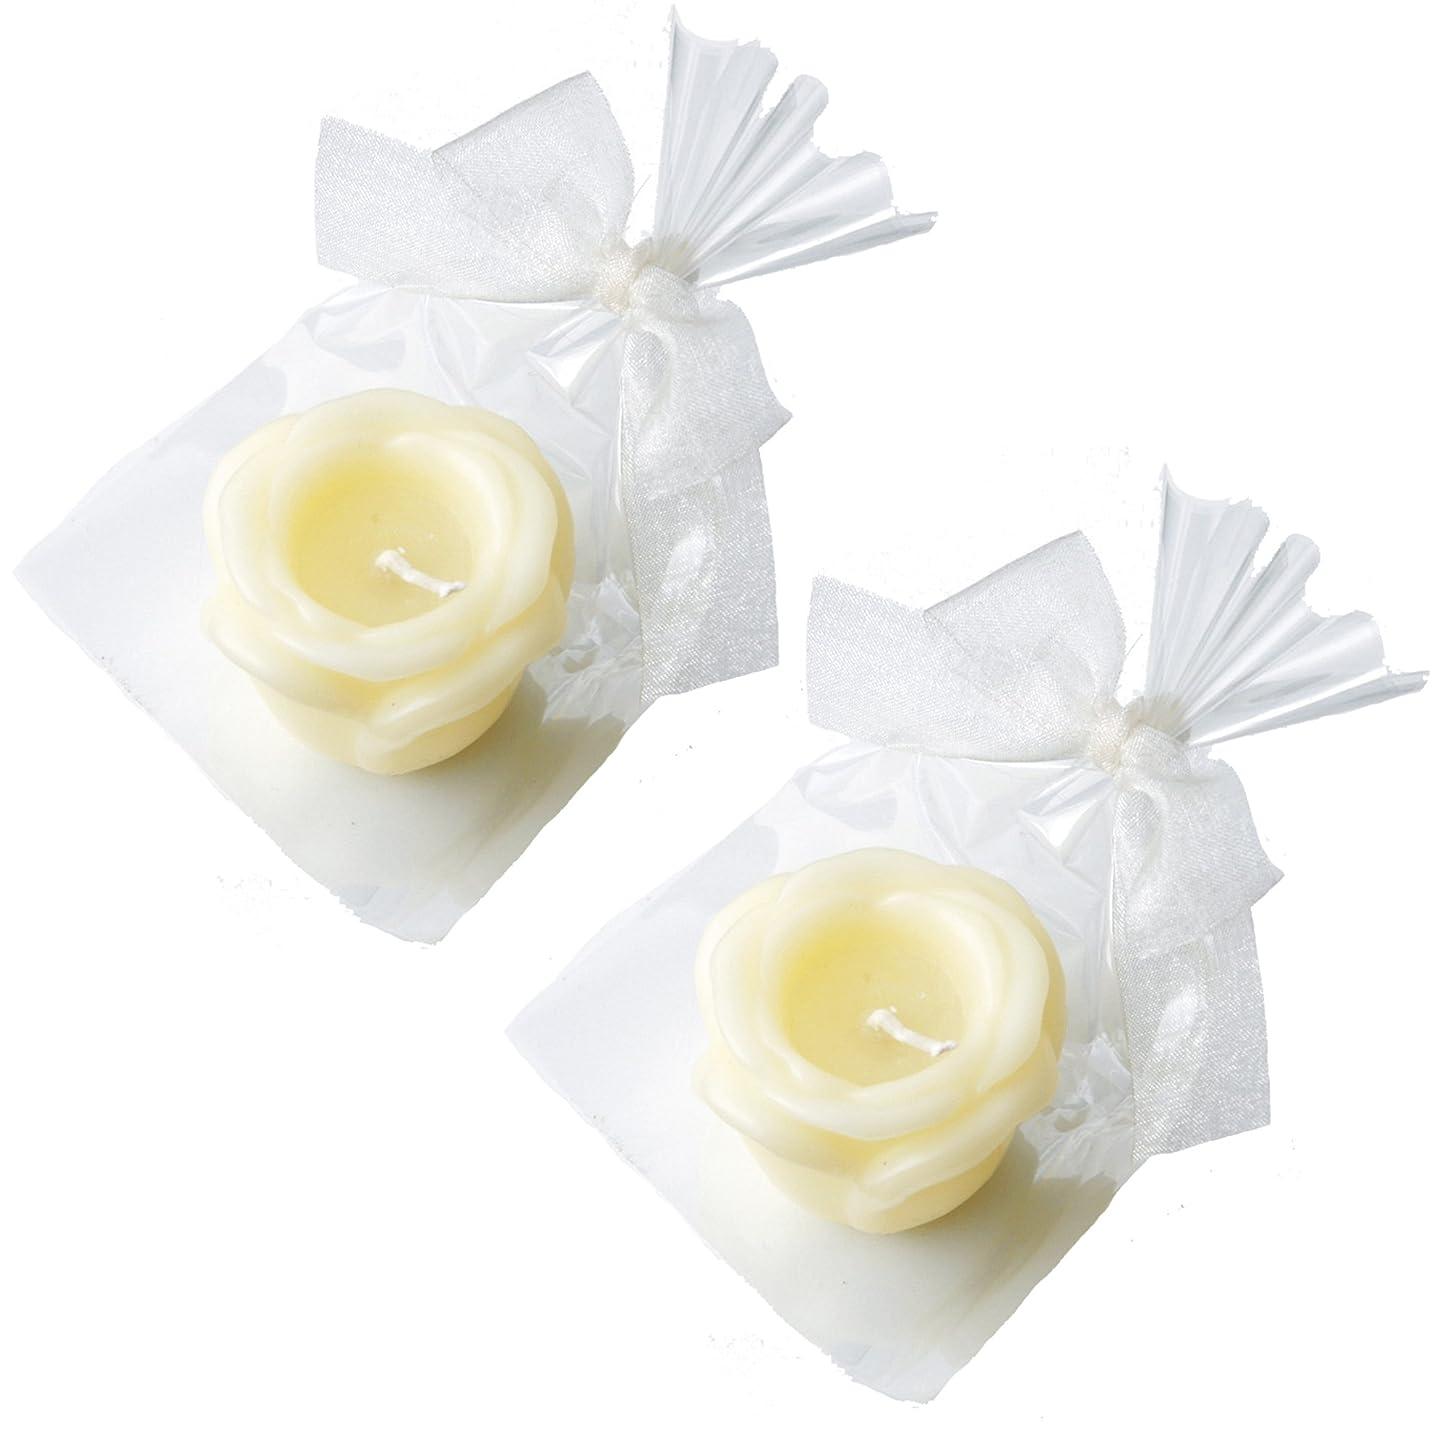 風光沢のある東ティモールカメヤマキャンドルハウス プチラビアンローズキャンドル 1個入 ローズの香り アイボリー ×2個セット